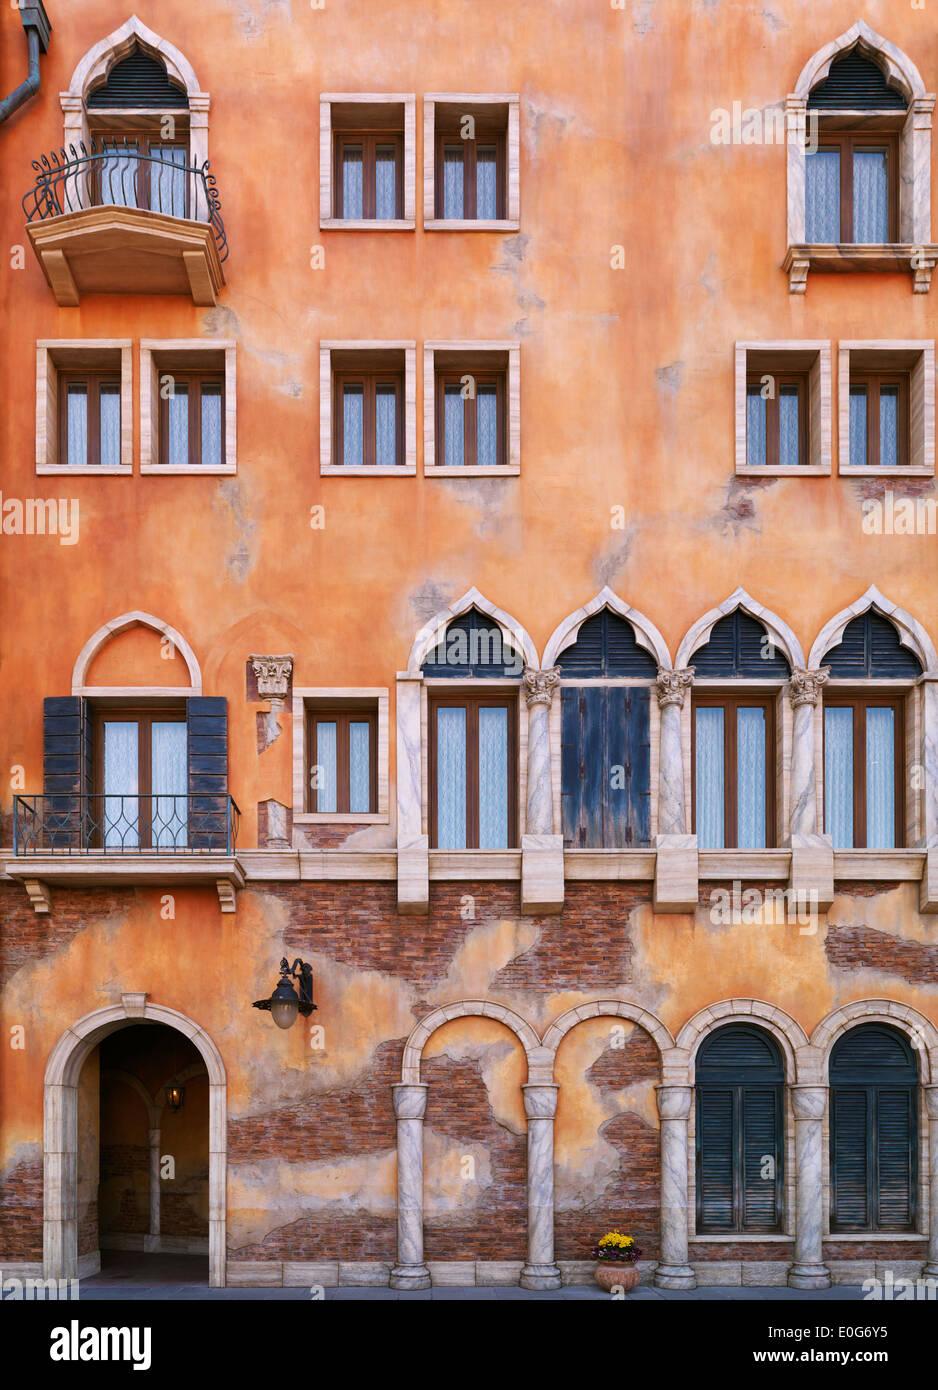 Parete con finestre di un edificio in stile gotico veneziano stile architettonico. Architettura dettaglio texture. Foto Stock